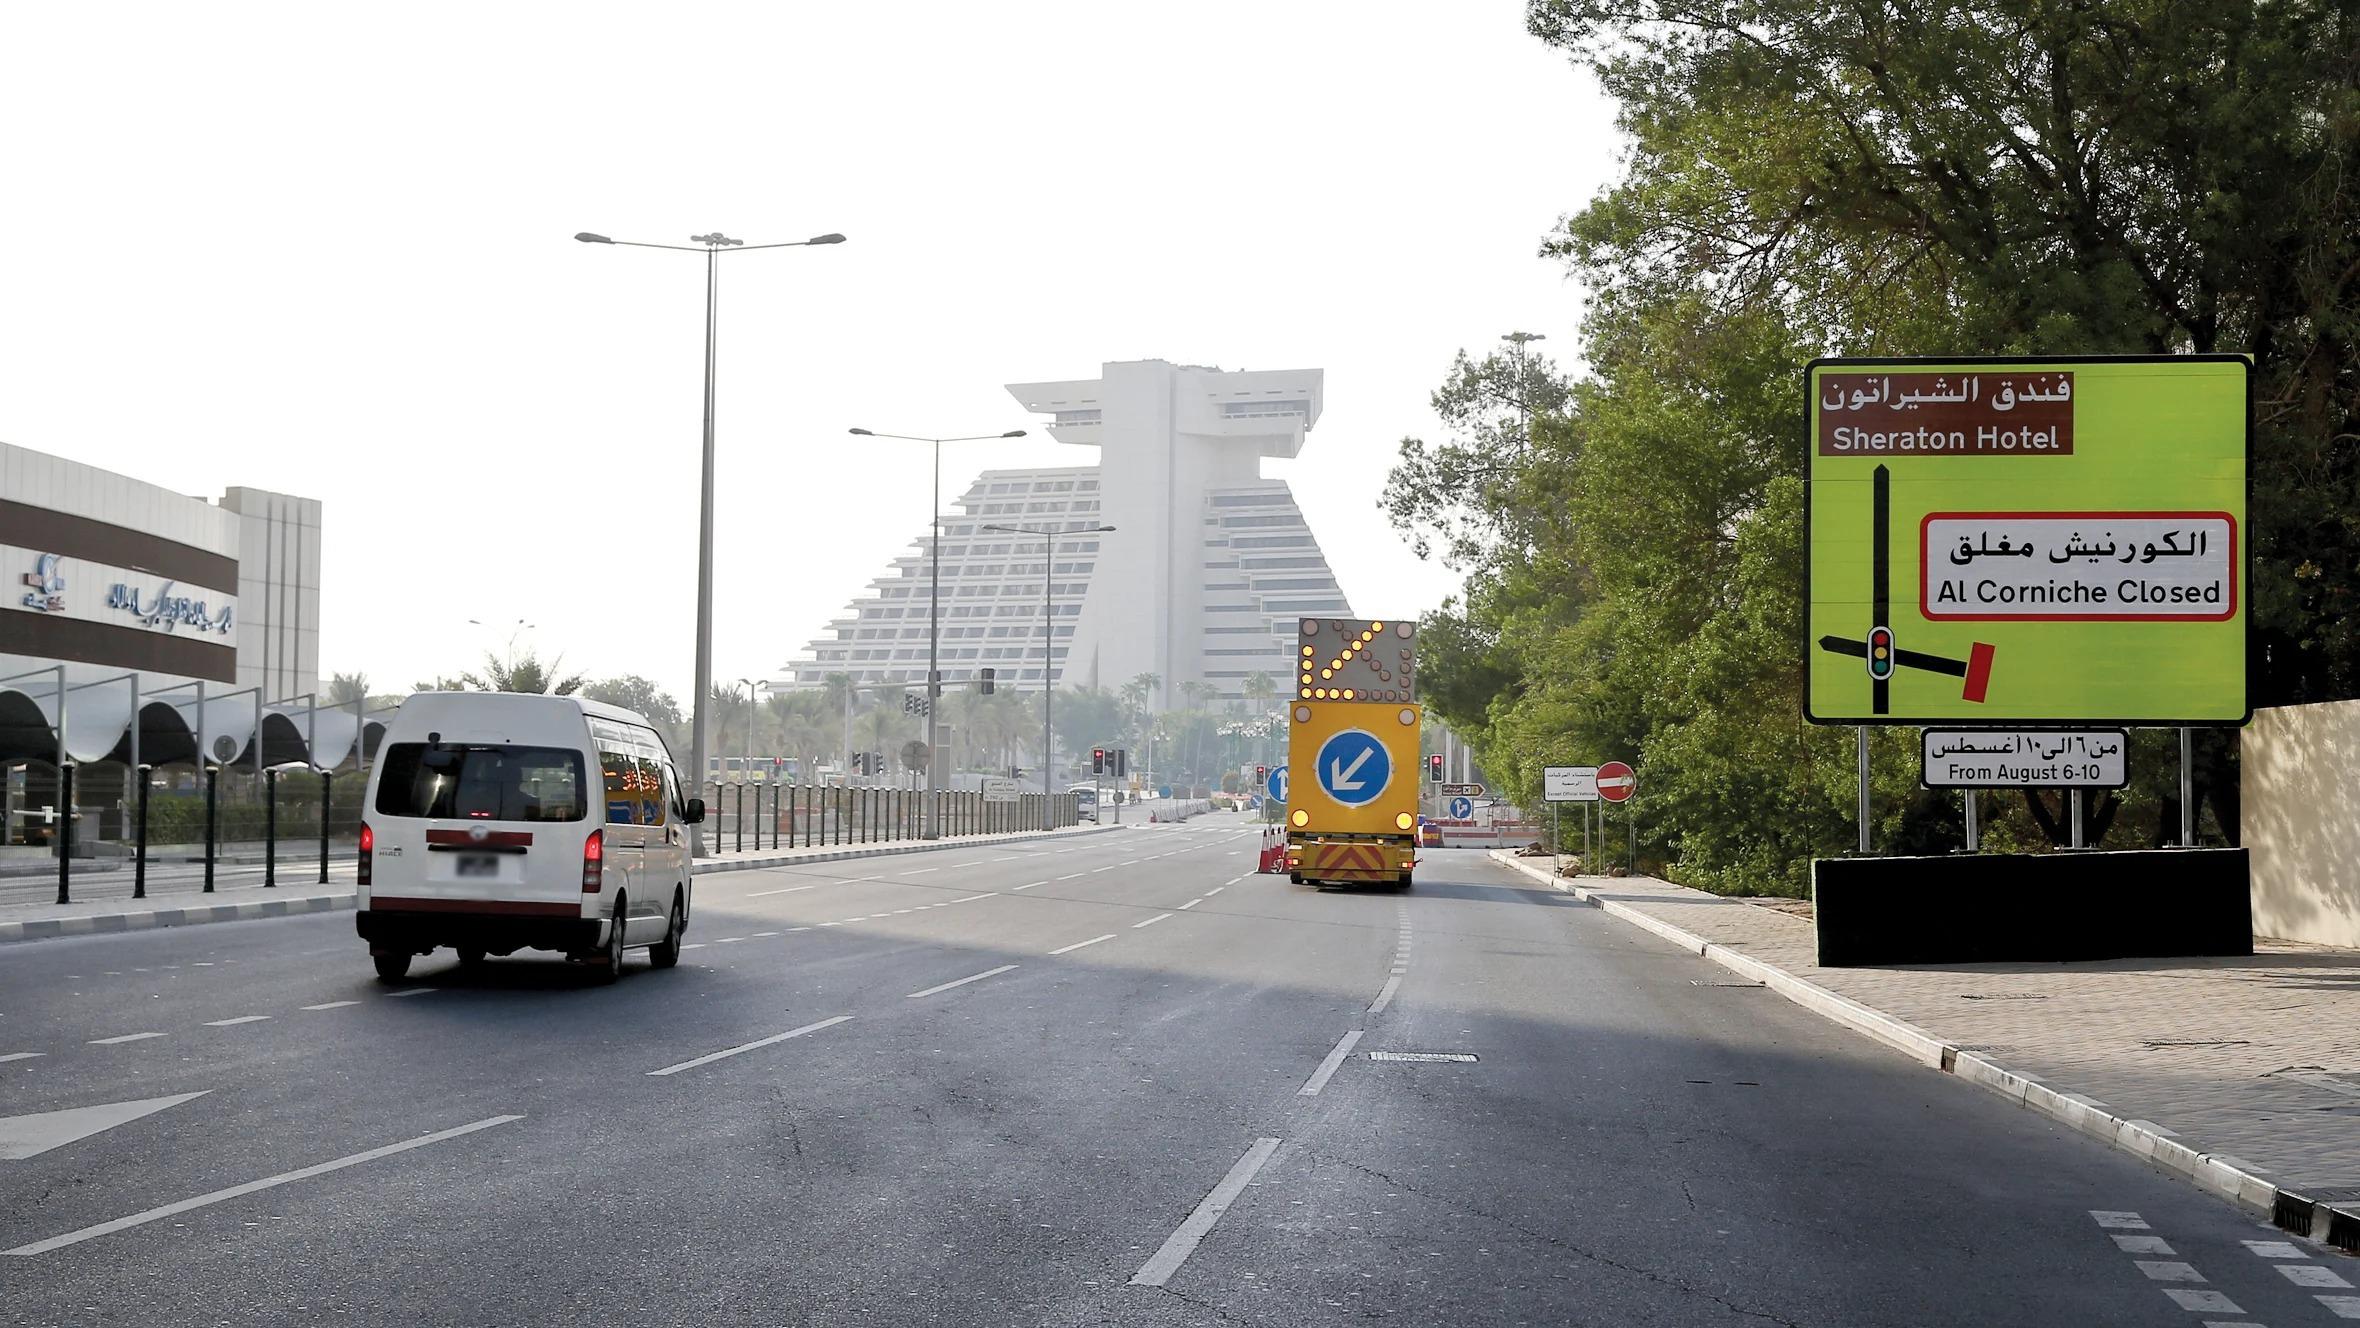 Alternative corniche roads accommodate traffic